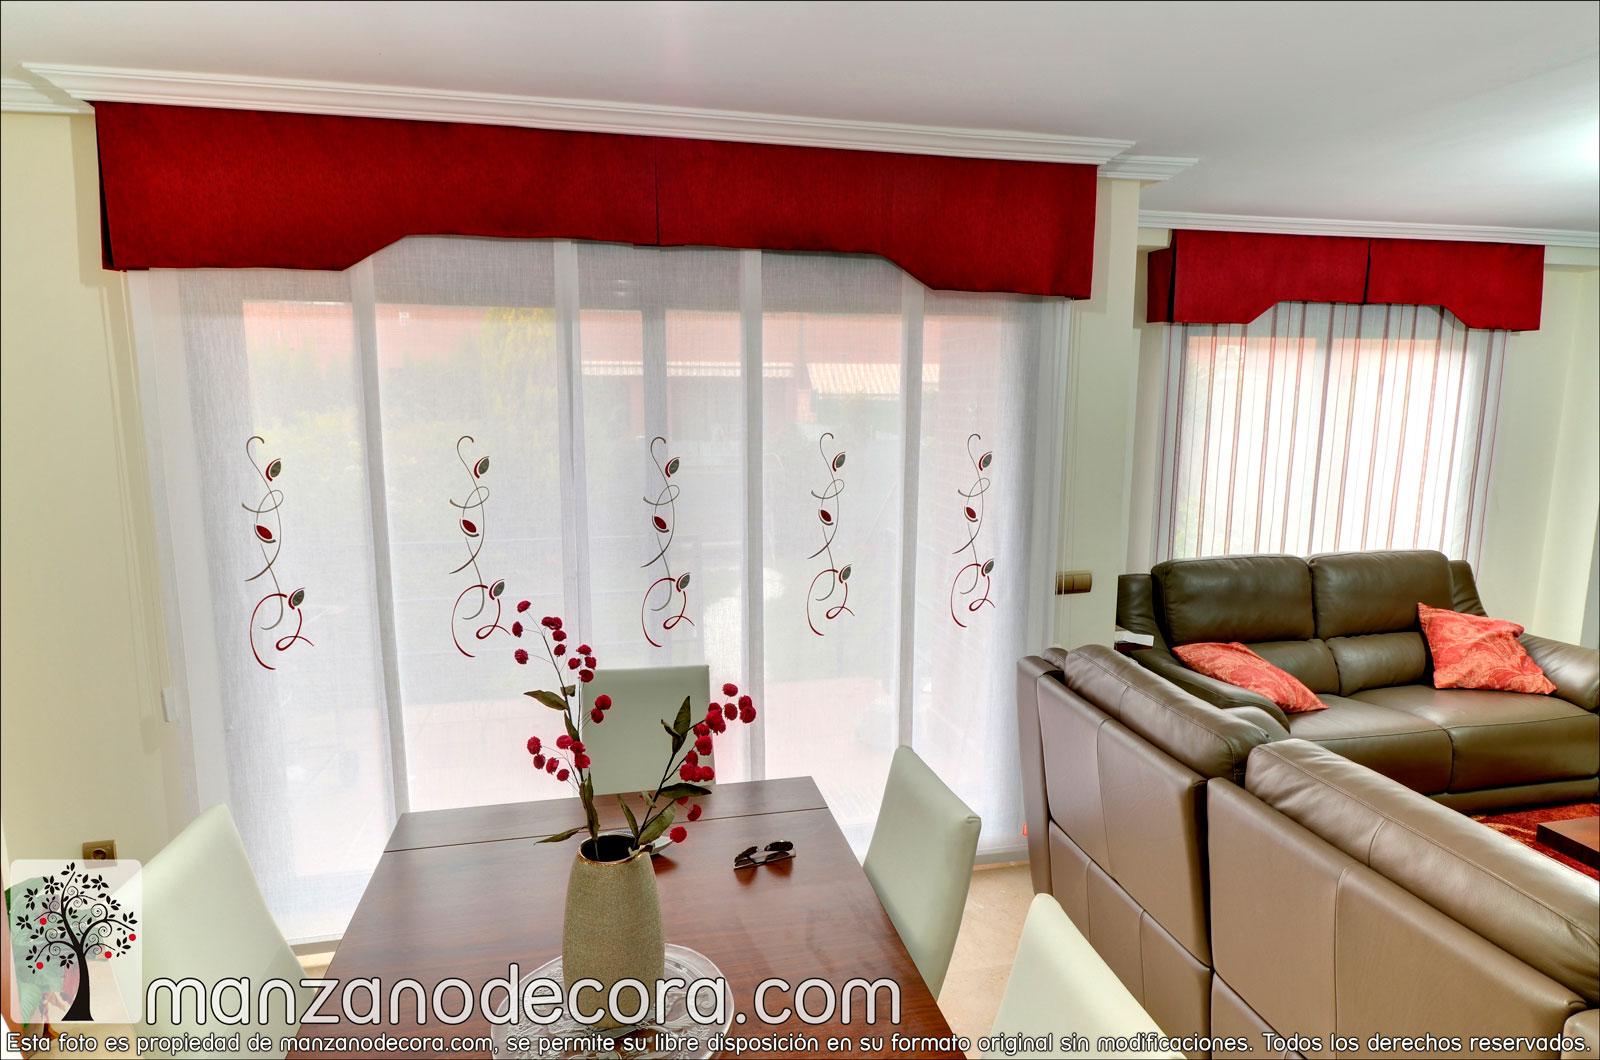 Paneles Japoneses Bordados Cortinas Manzanodecora - Estores-japoneses-fotos